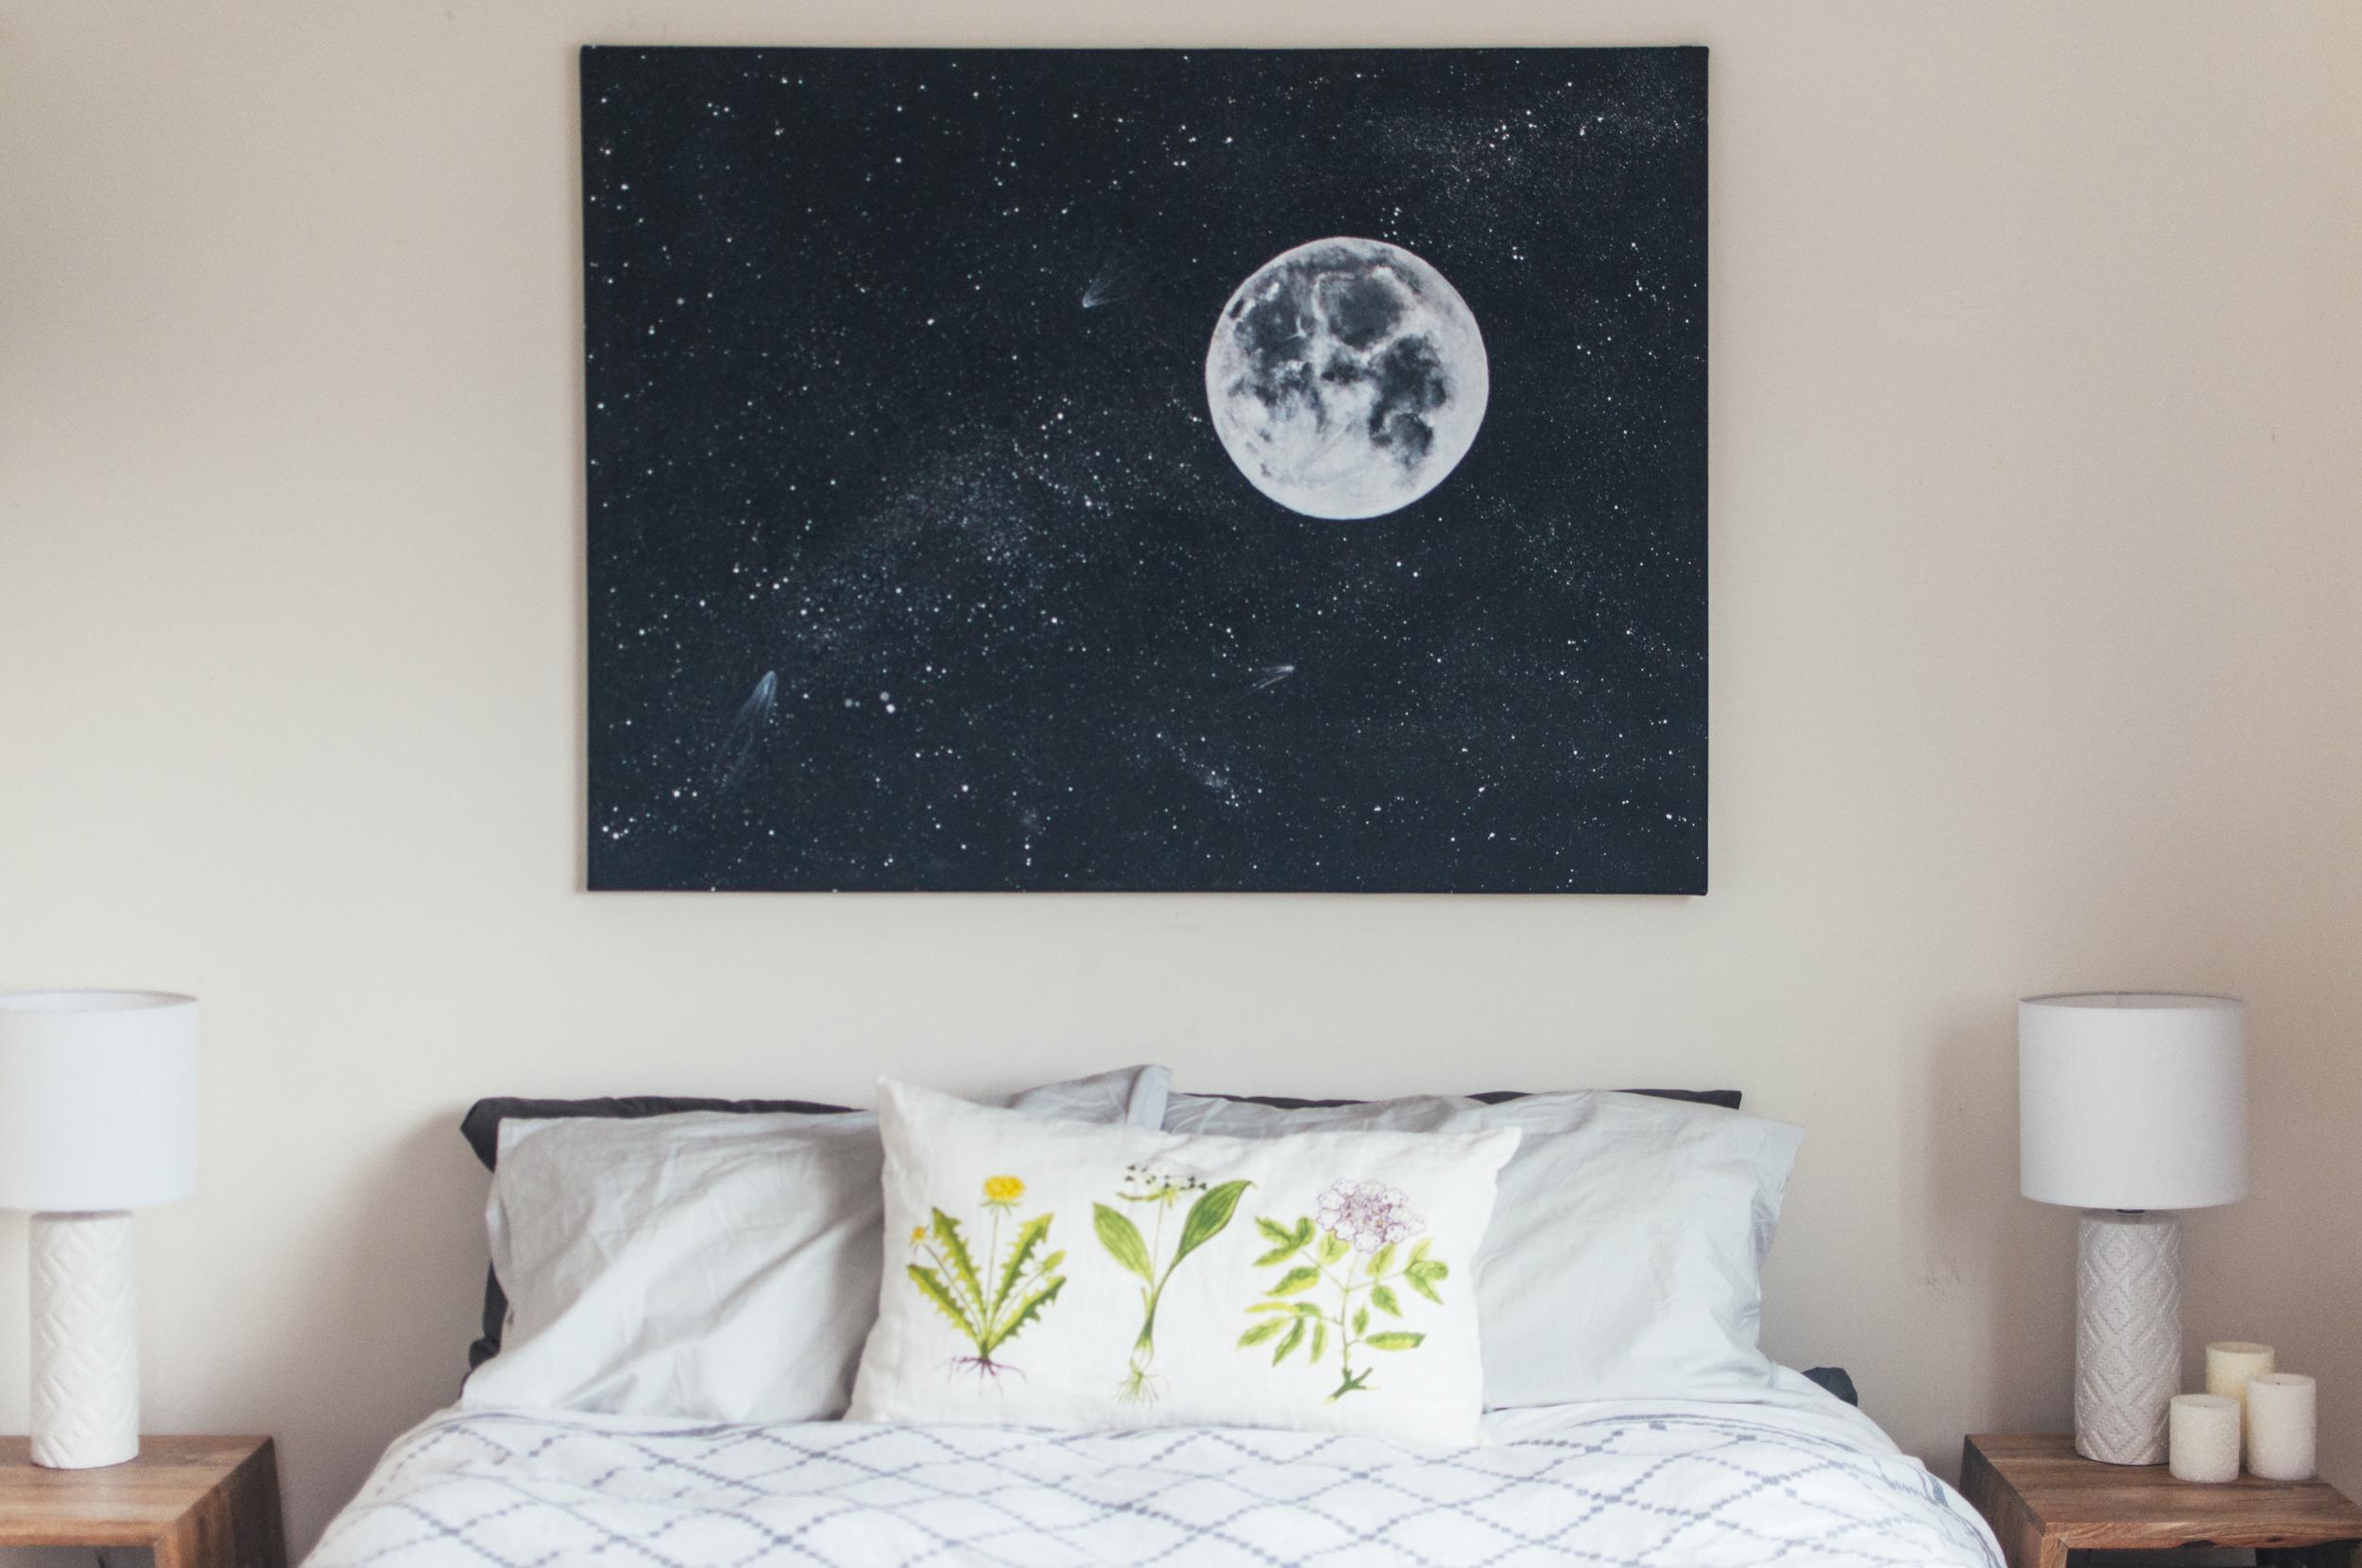 Room_moon_1.jpg